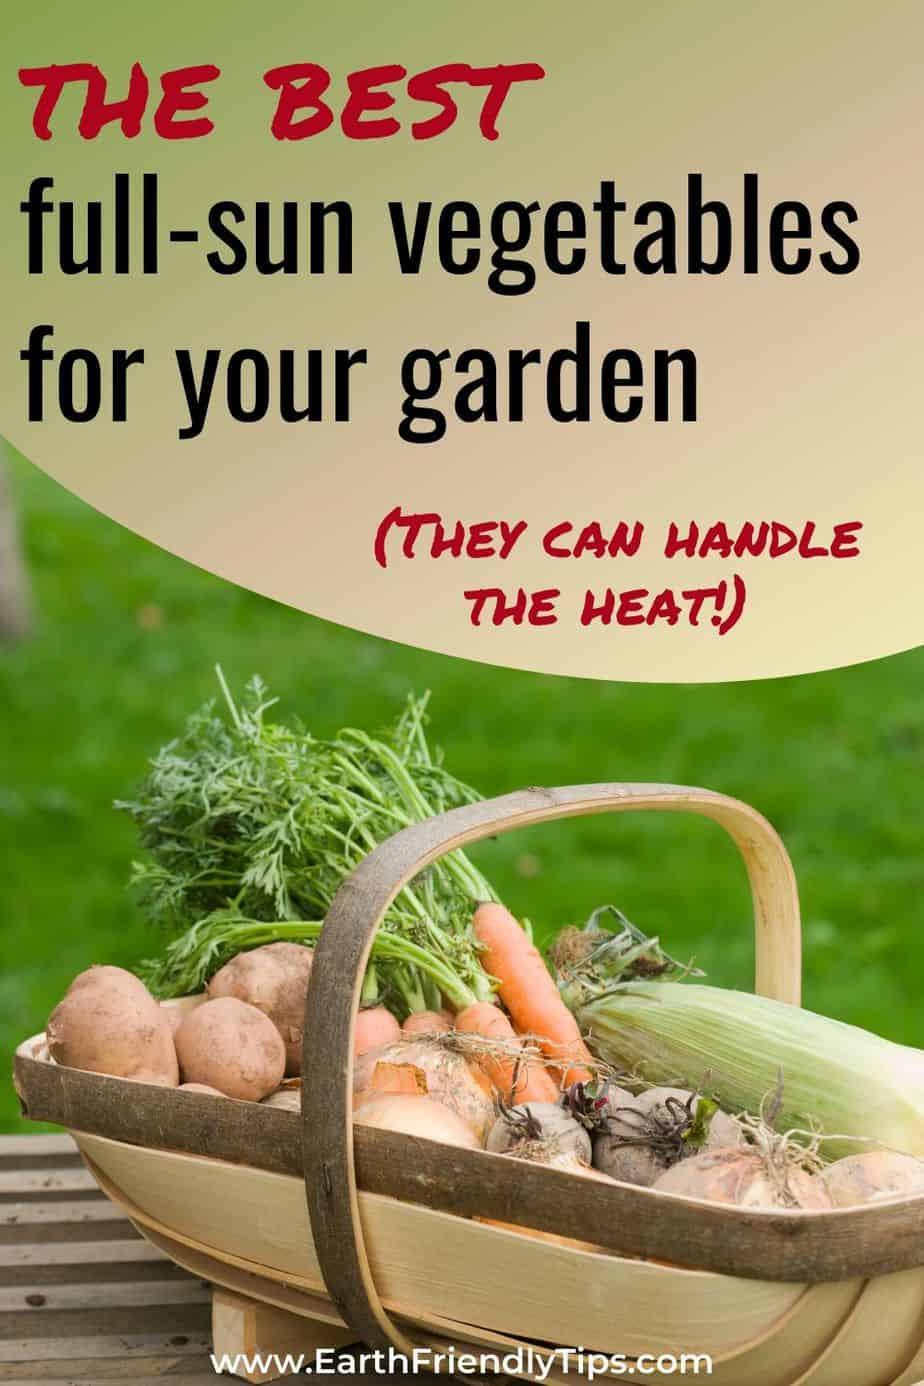 Basket of vegetables text overlay The Best Full Sun Vegetables for Your Garden